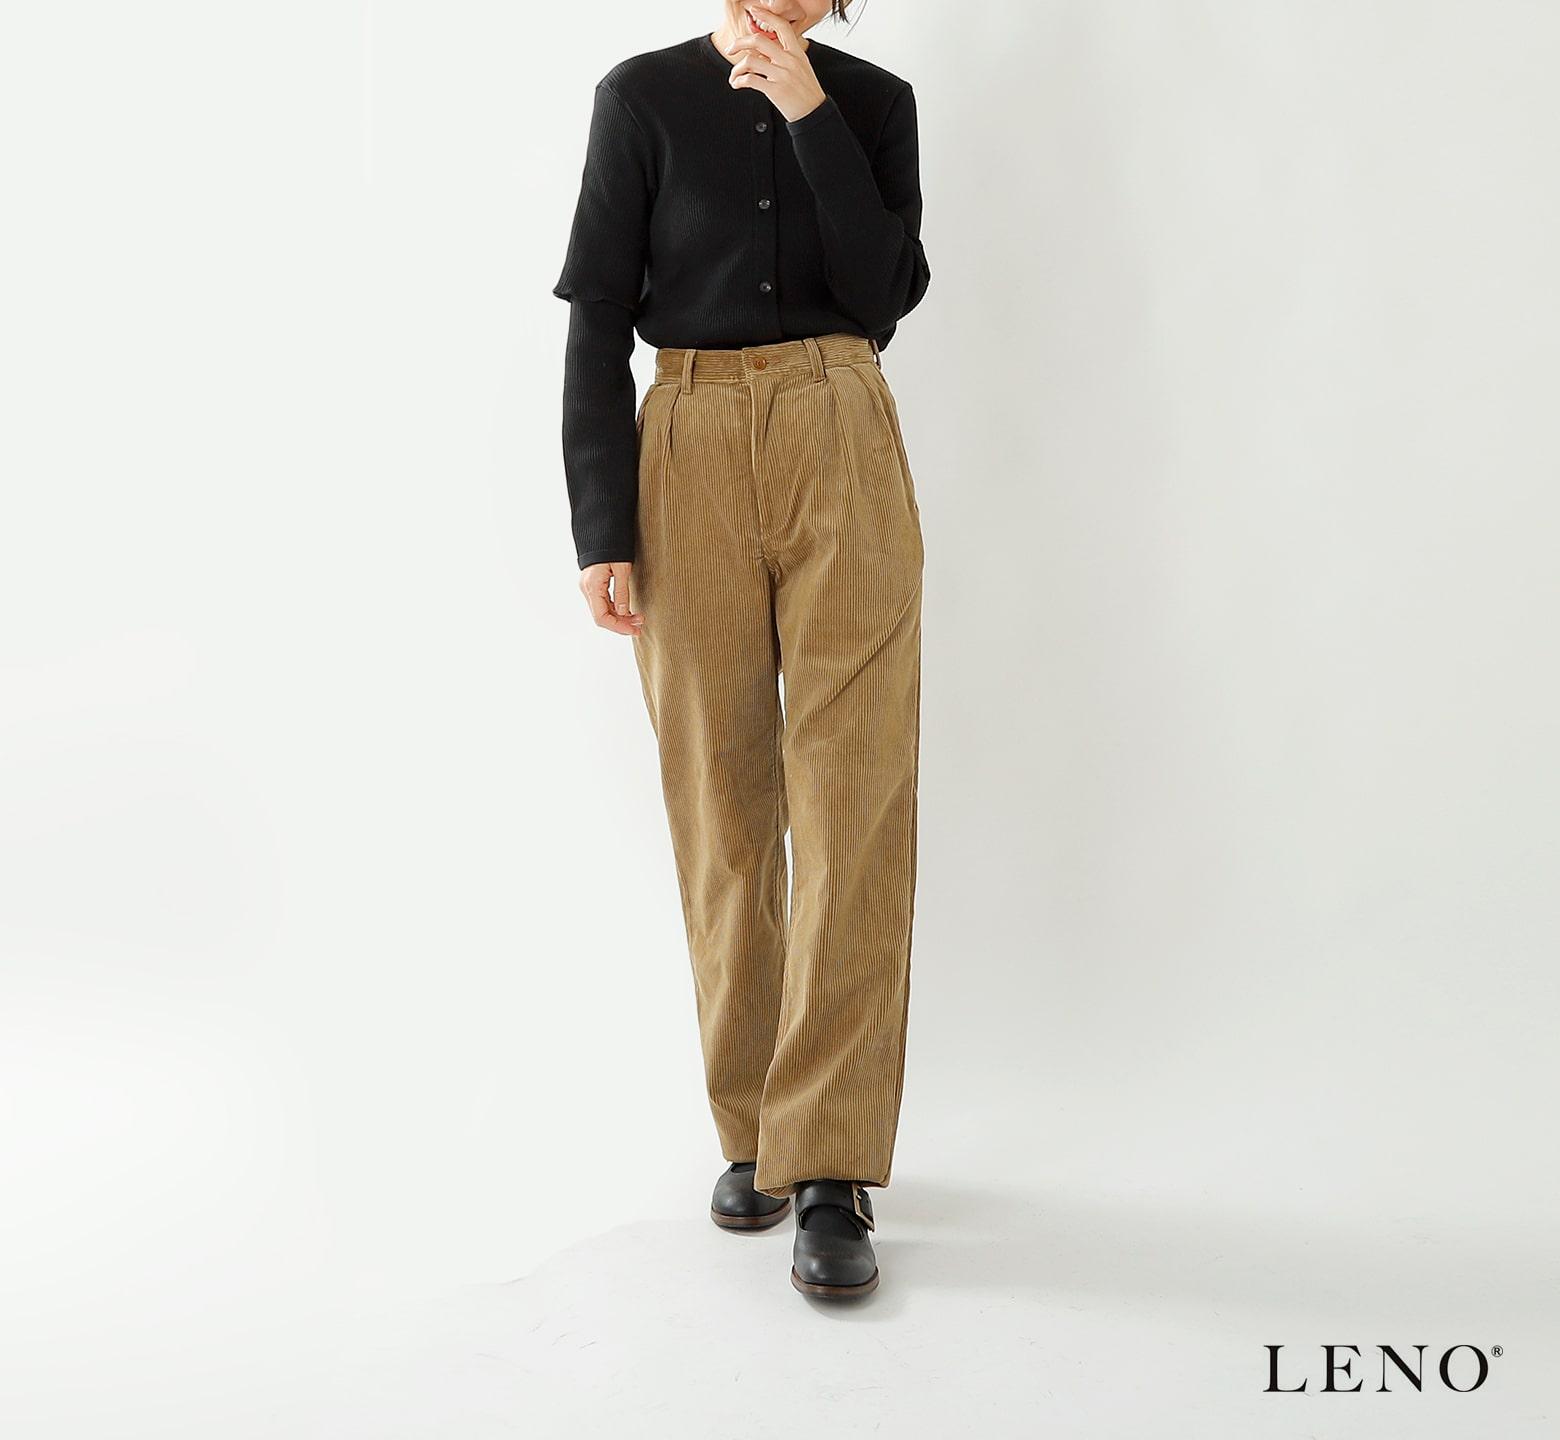 """LENO(リノ)コーデュロイトラウザーズ""""Corduroy Trousers"""" l1902-pt003"""